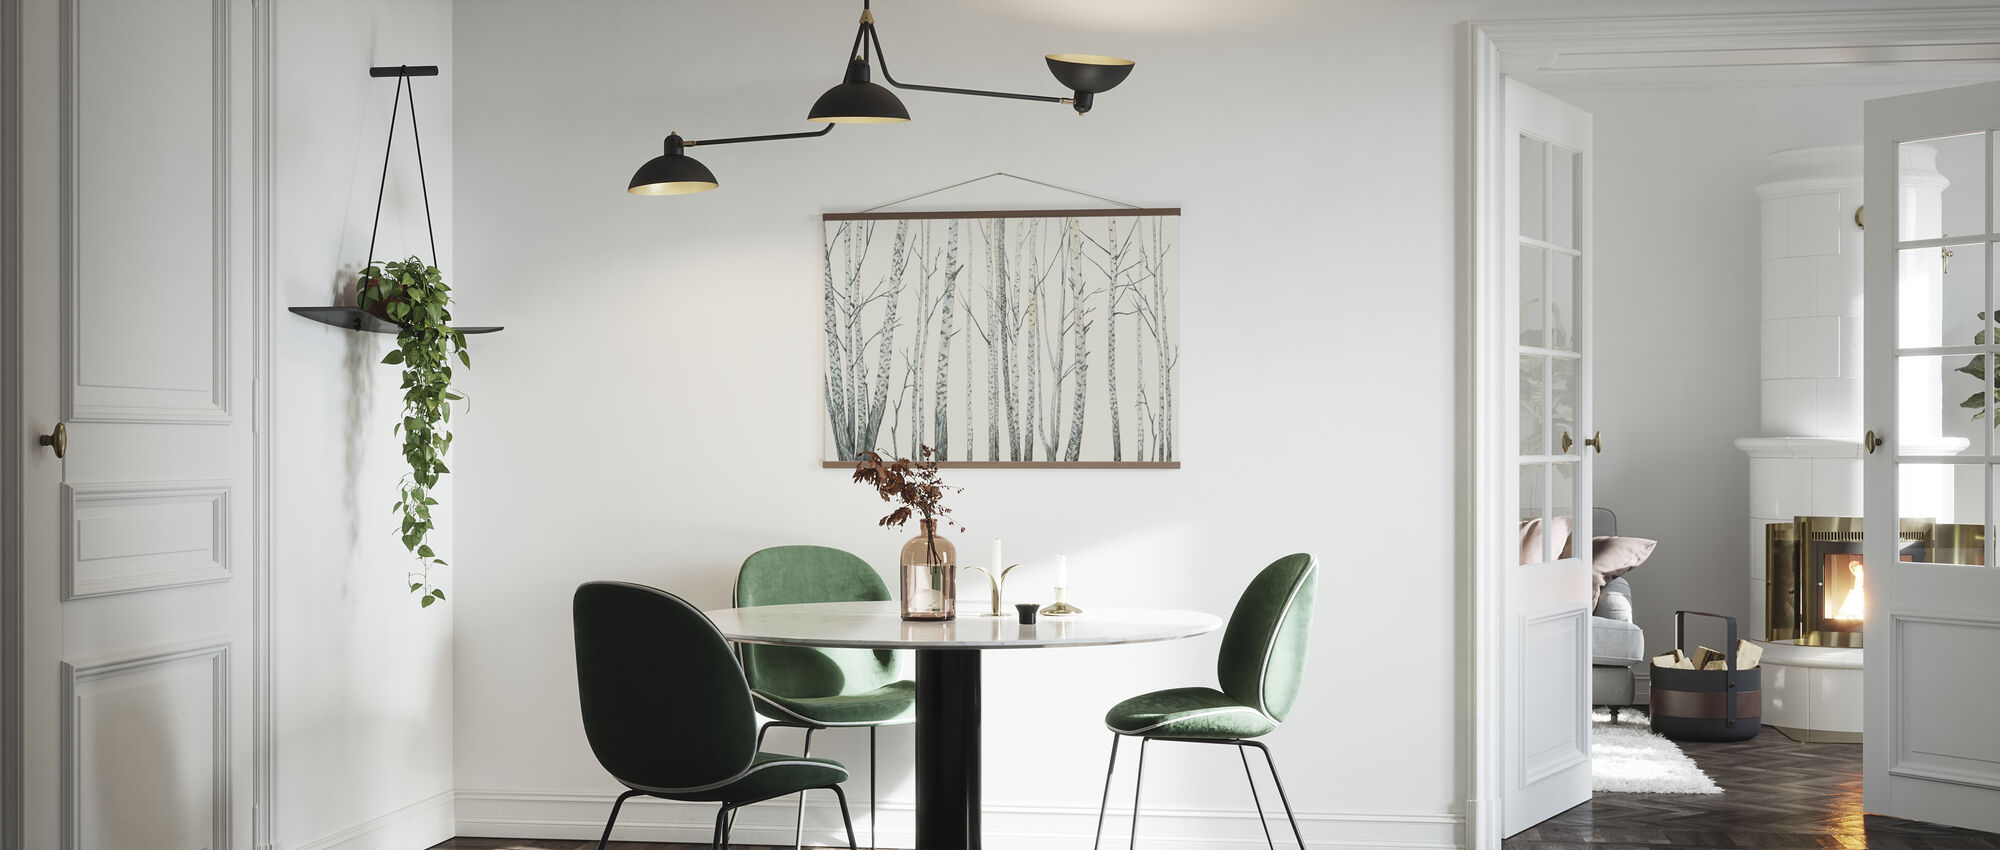 Birke Stiele - Creme - Poster - Küchen